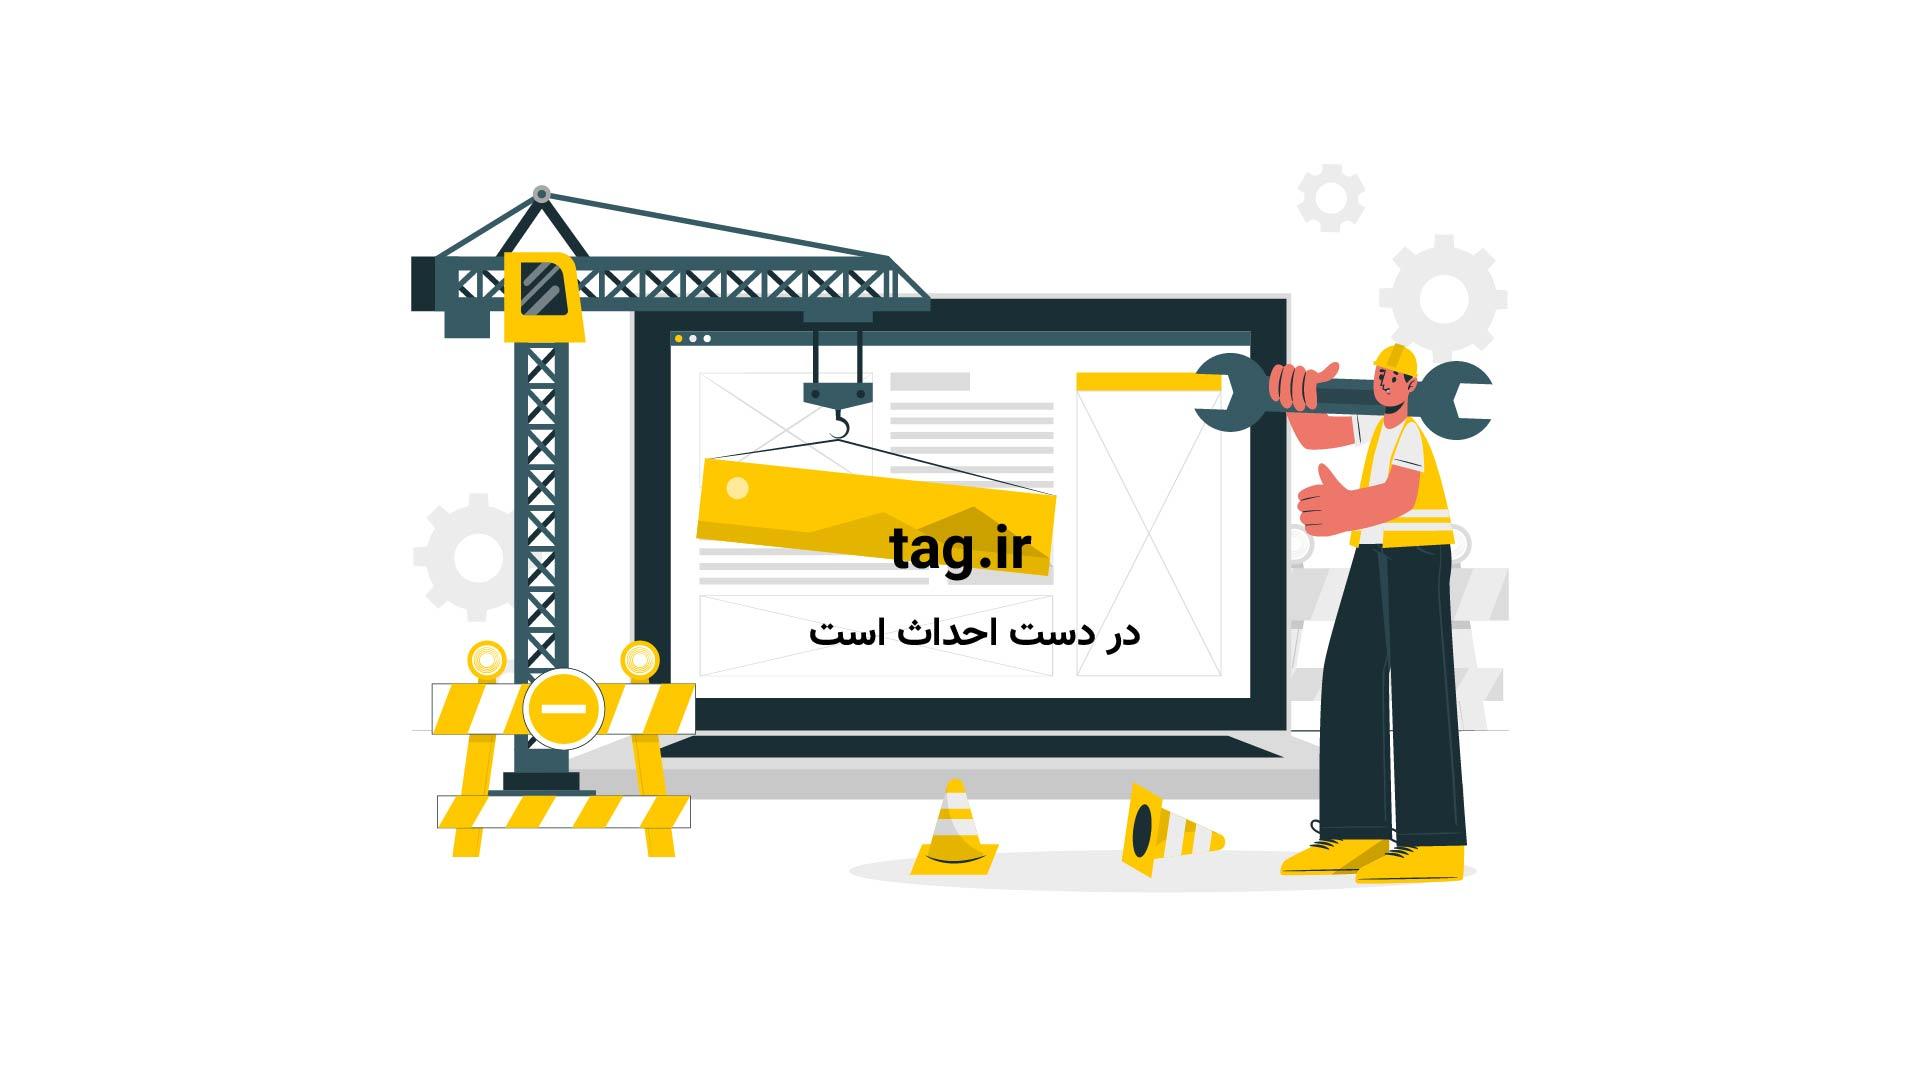 گرگ سیاه | تگ